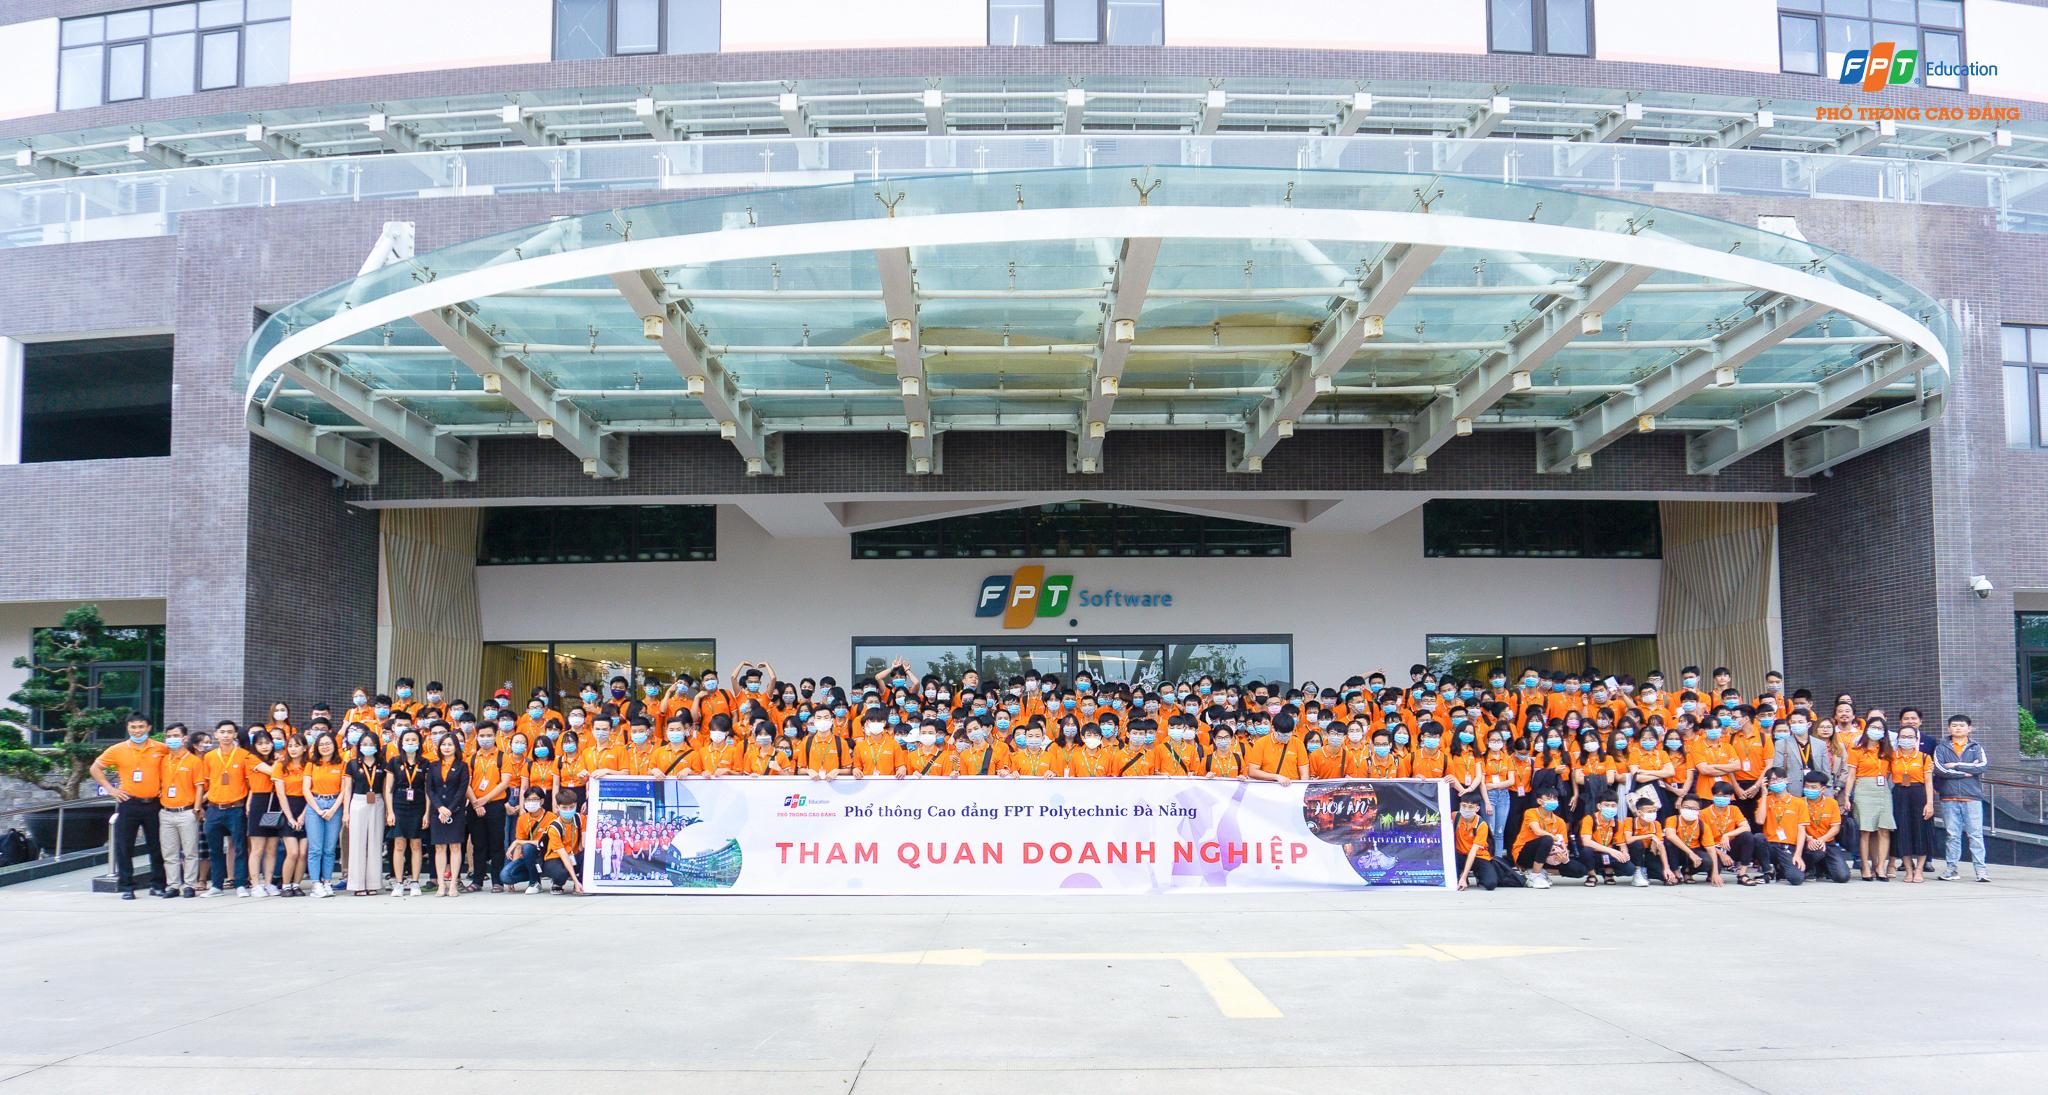 Gần 300 Sinh viên Phổ thông Cao đẳng Đà Nẵng ghé thăm FPT Software